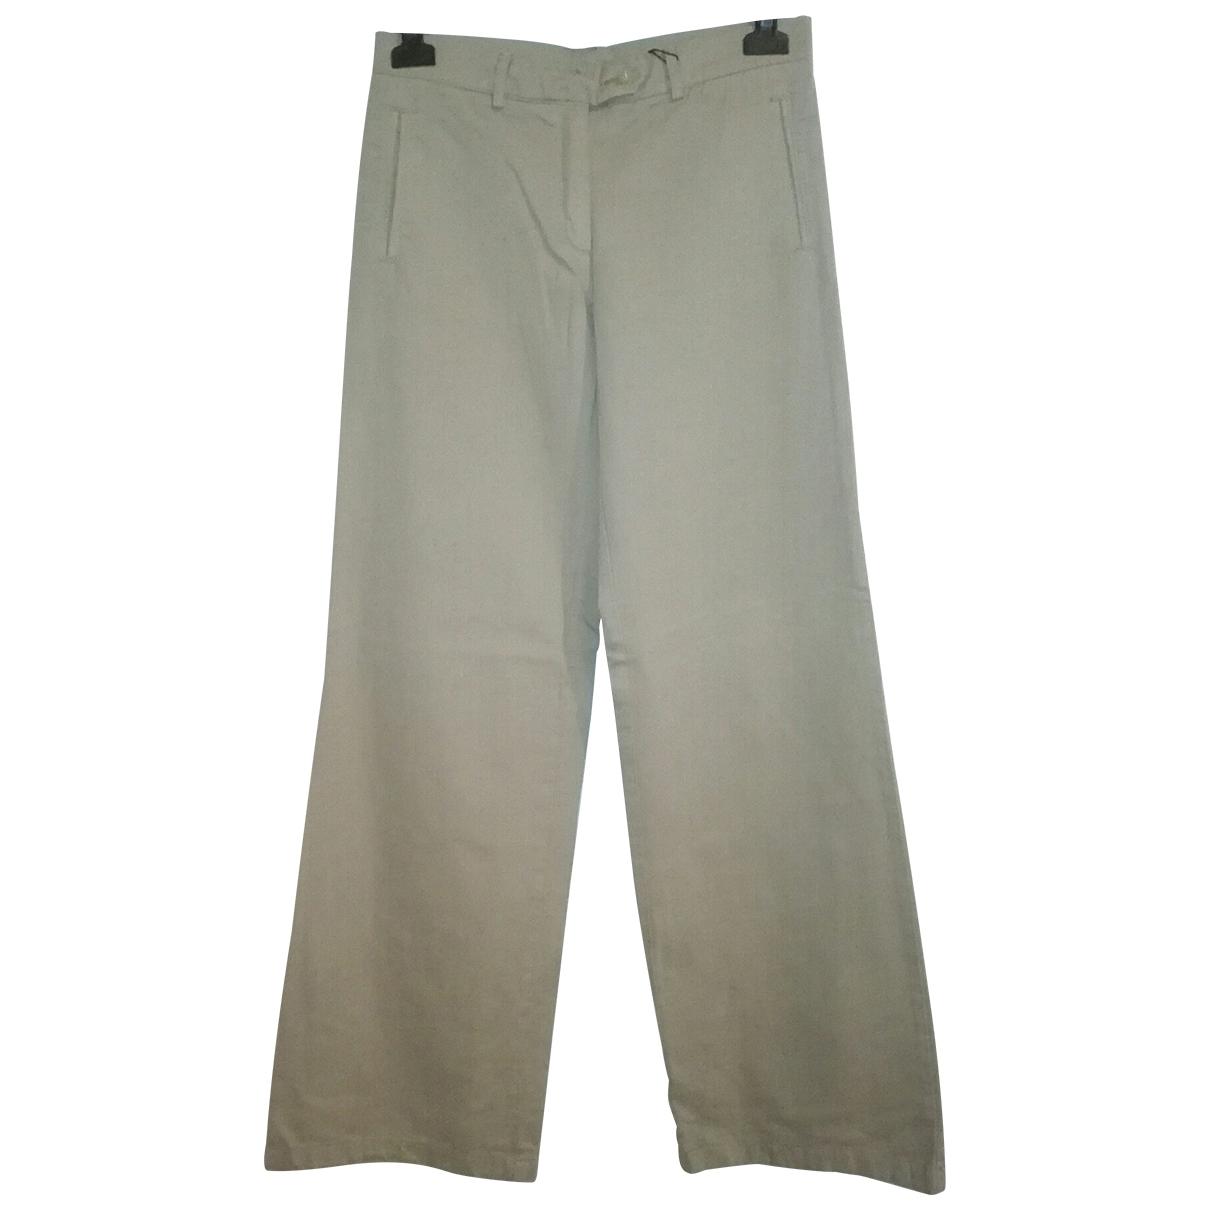 Gianfranco Ferré \N Beige Cotton Trousers for Women 40 IT